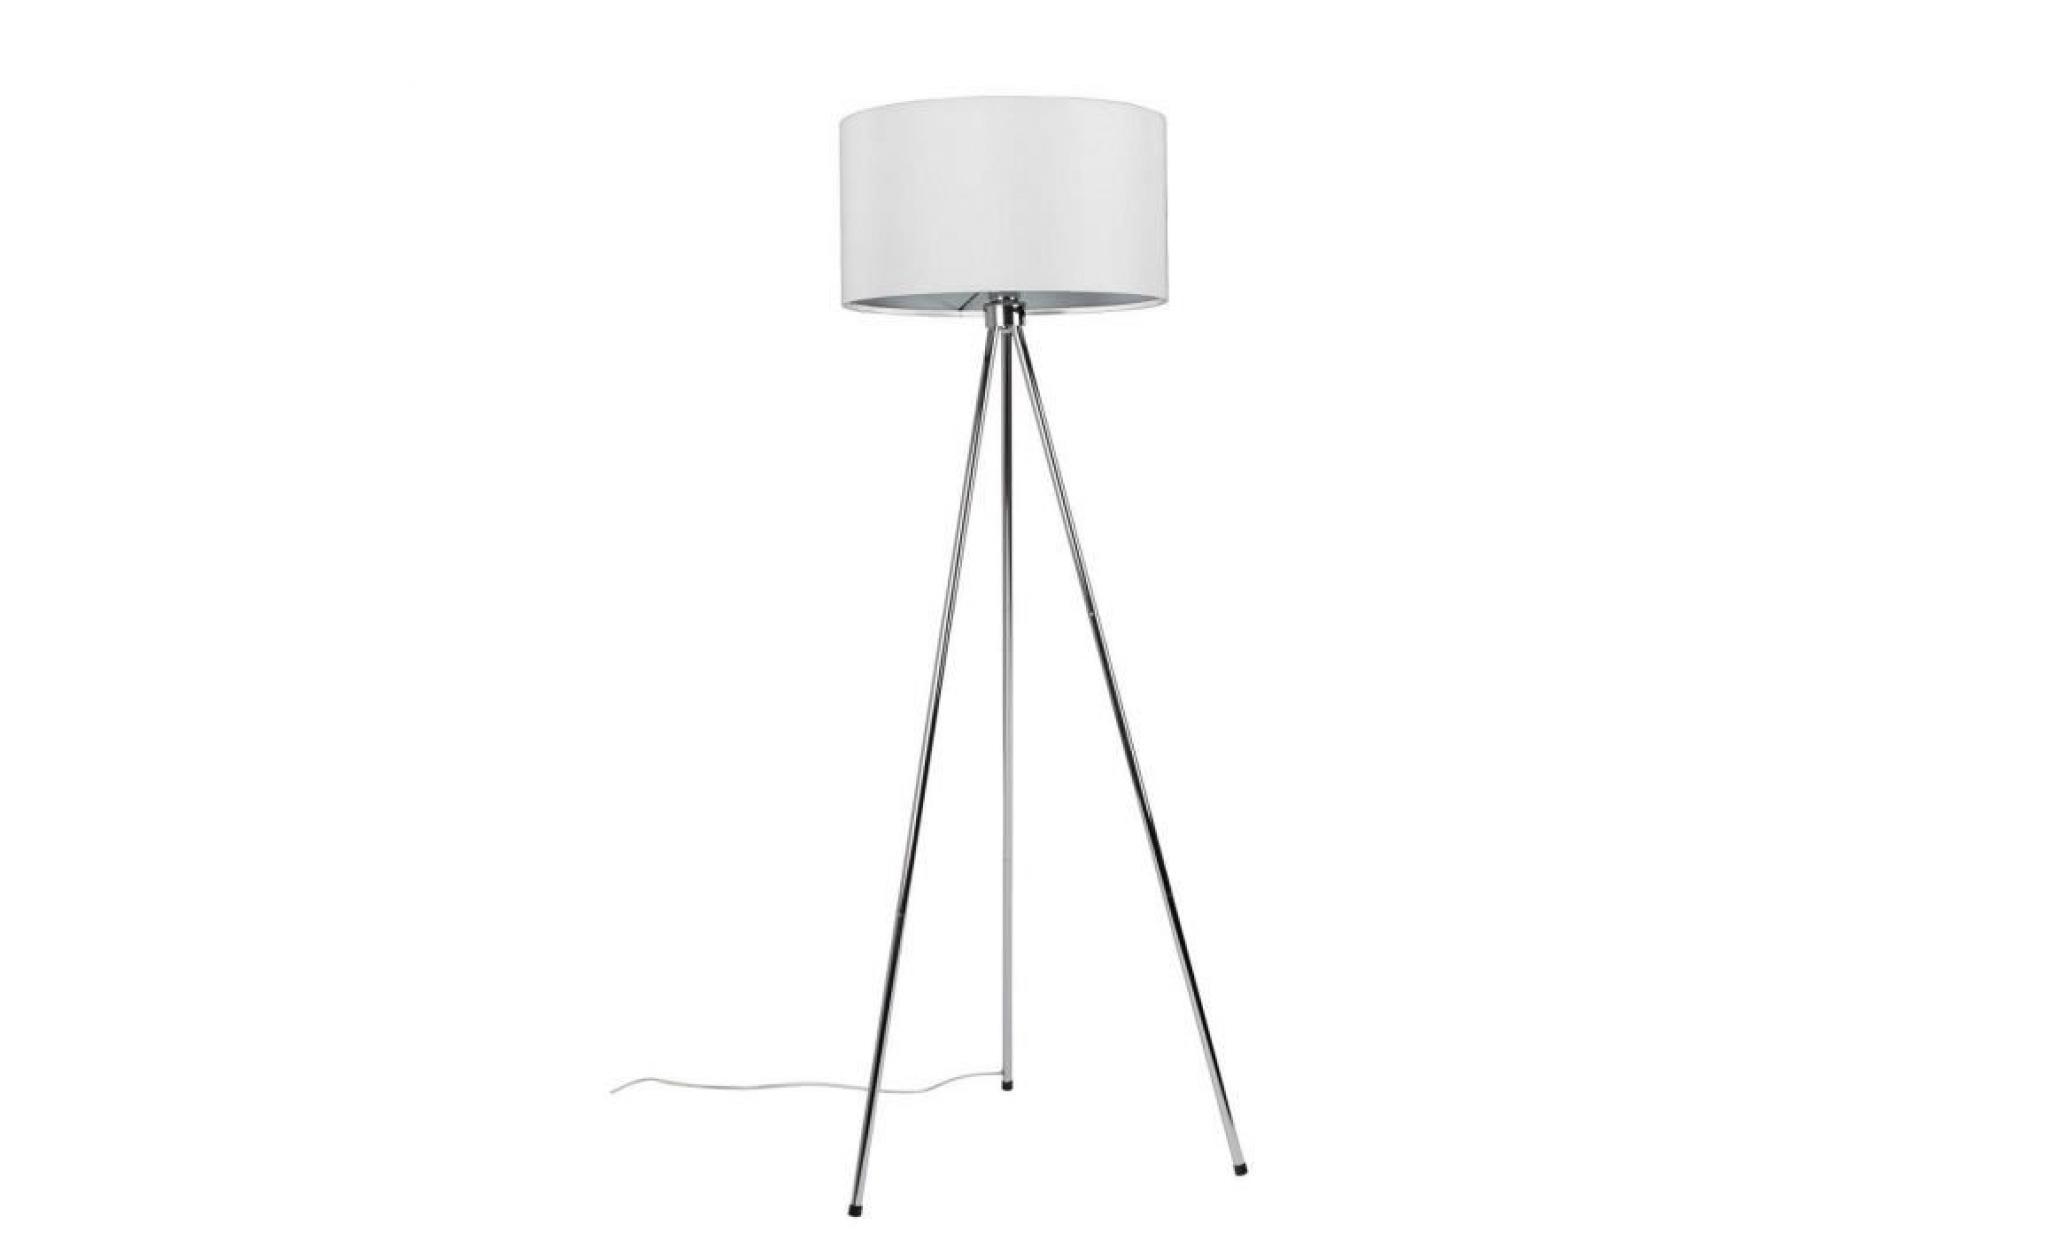 lampadaire trepied design twist deco zuiver achat vente lampadaire pas cher couleur et design fr